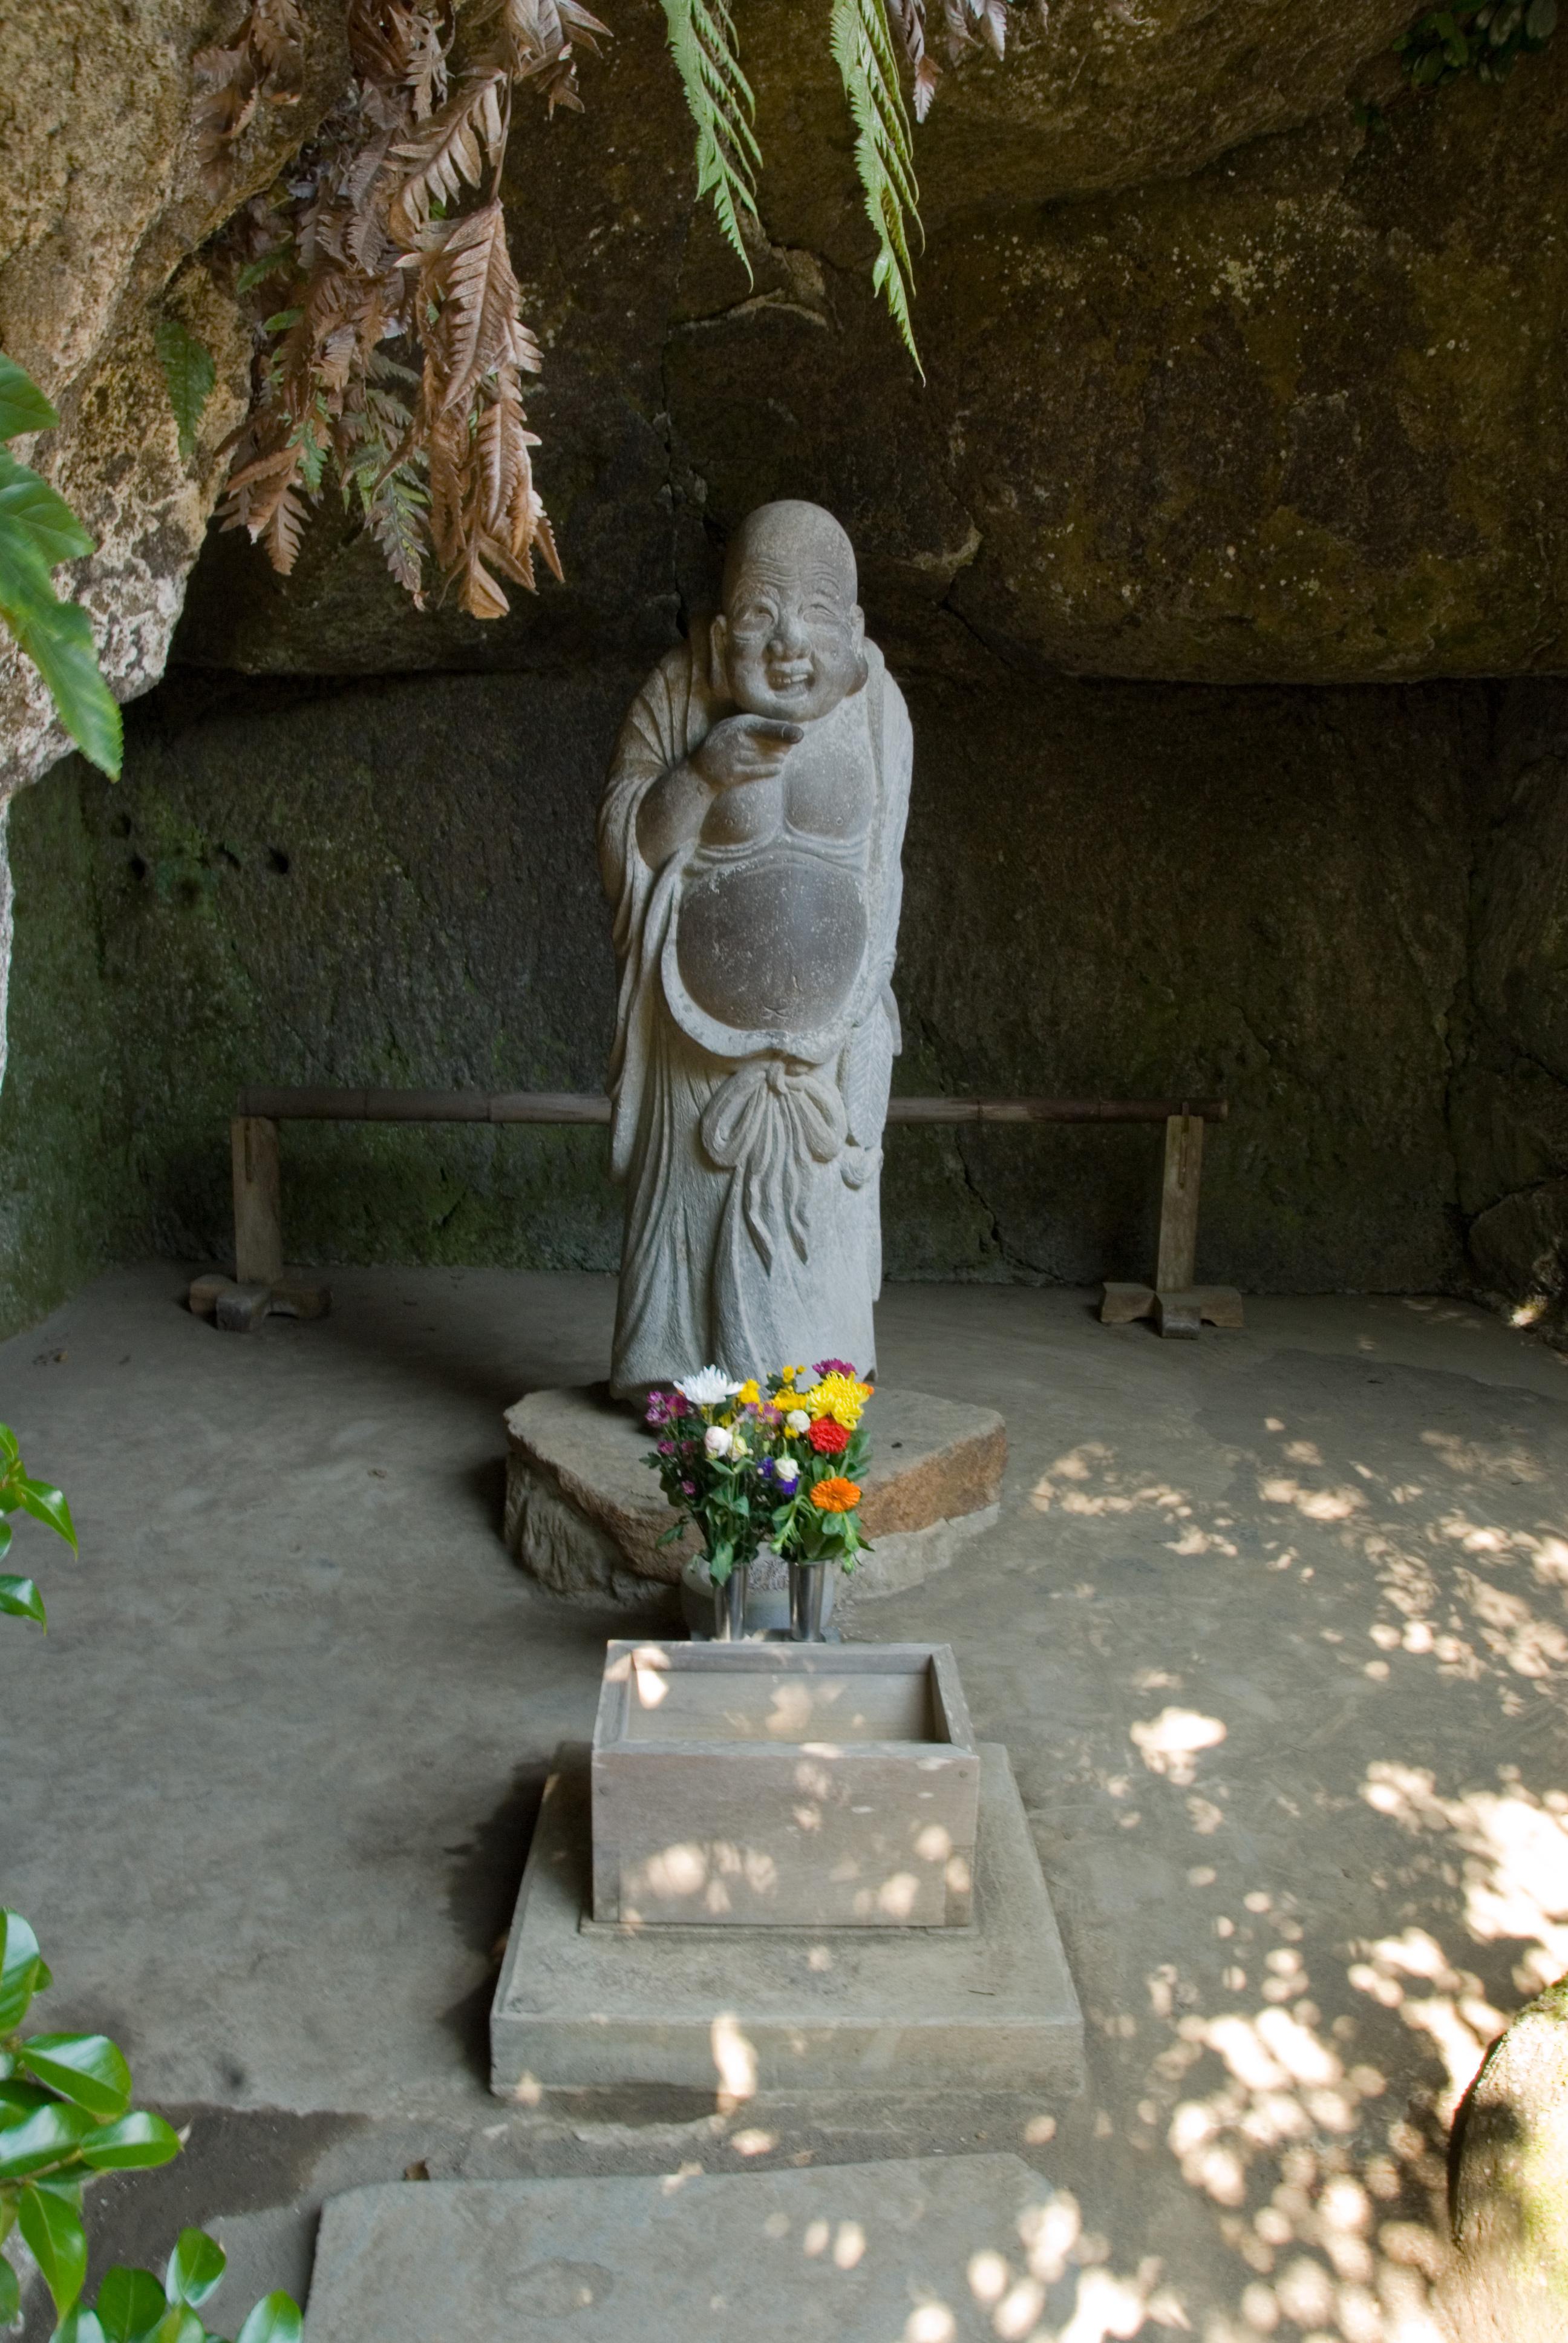 jochi-ji inner gate hotei.jpg